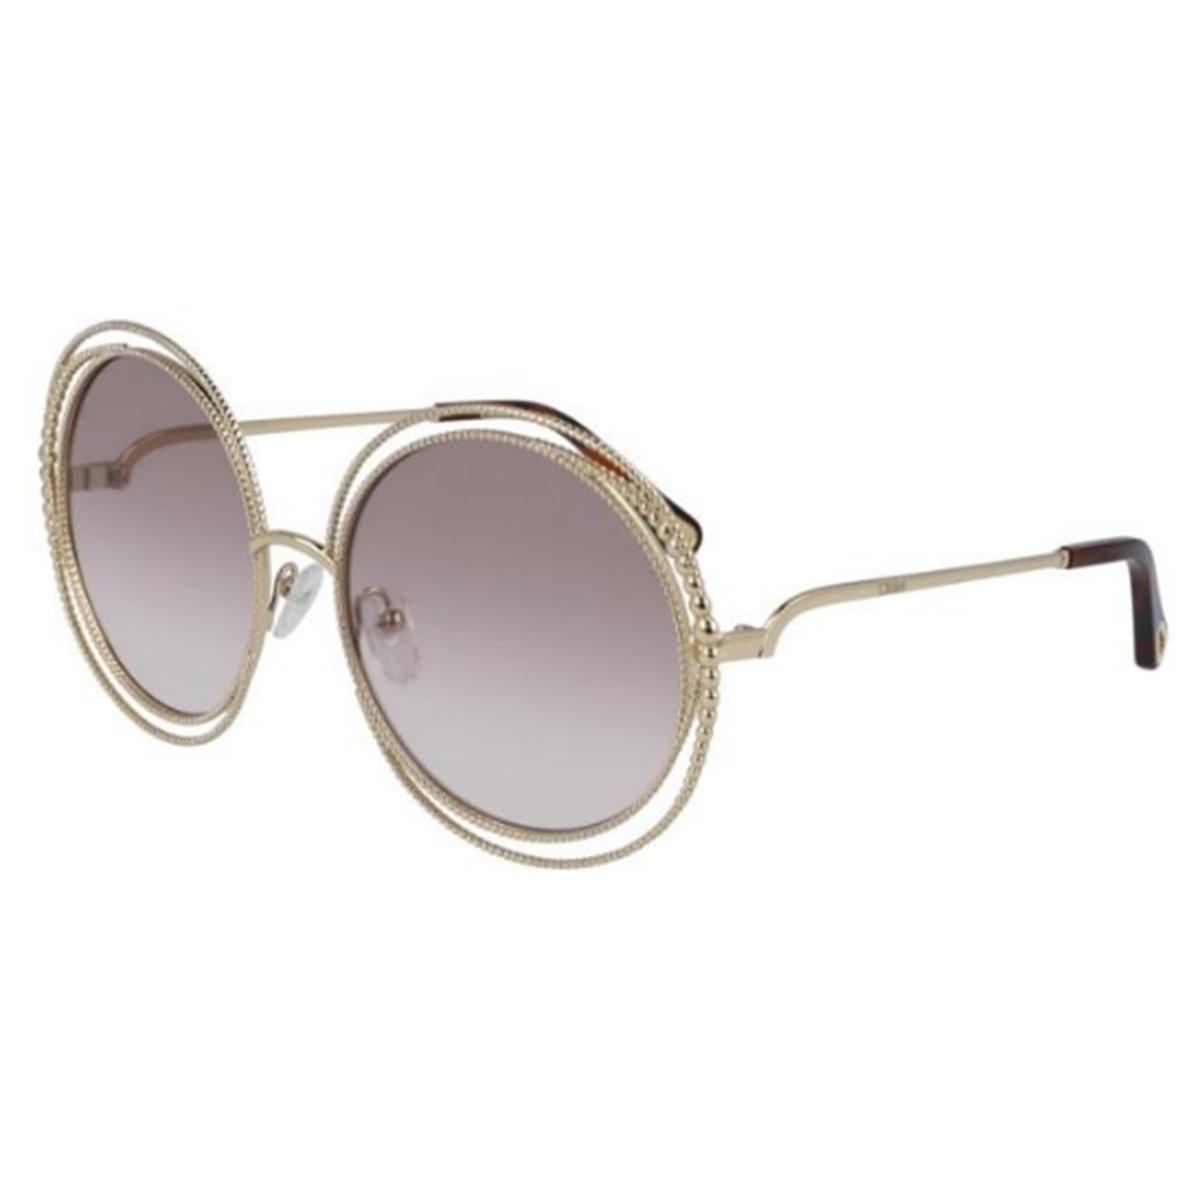 709ebf740 Compre Óculos de Sol Chloé Carlina Chain em 10X | Tri-Jóia Shop